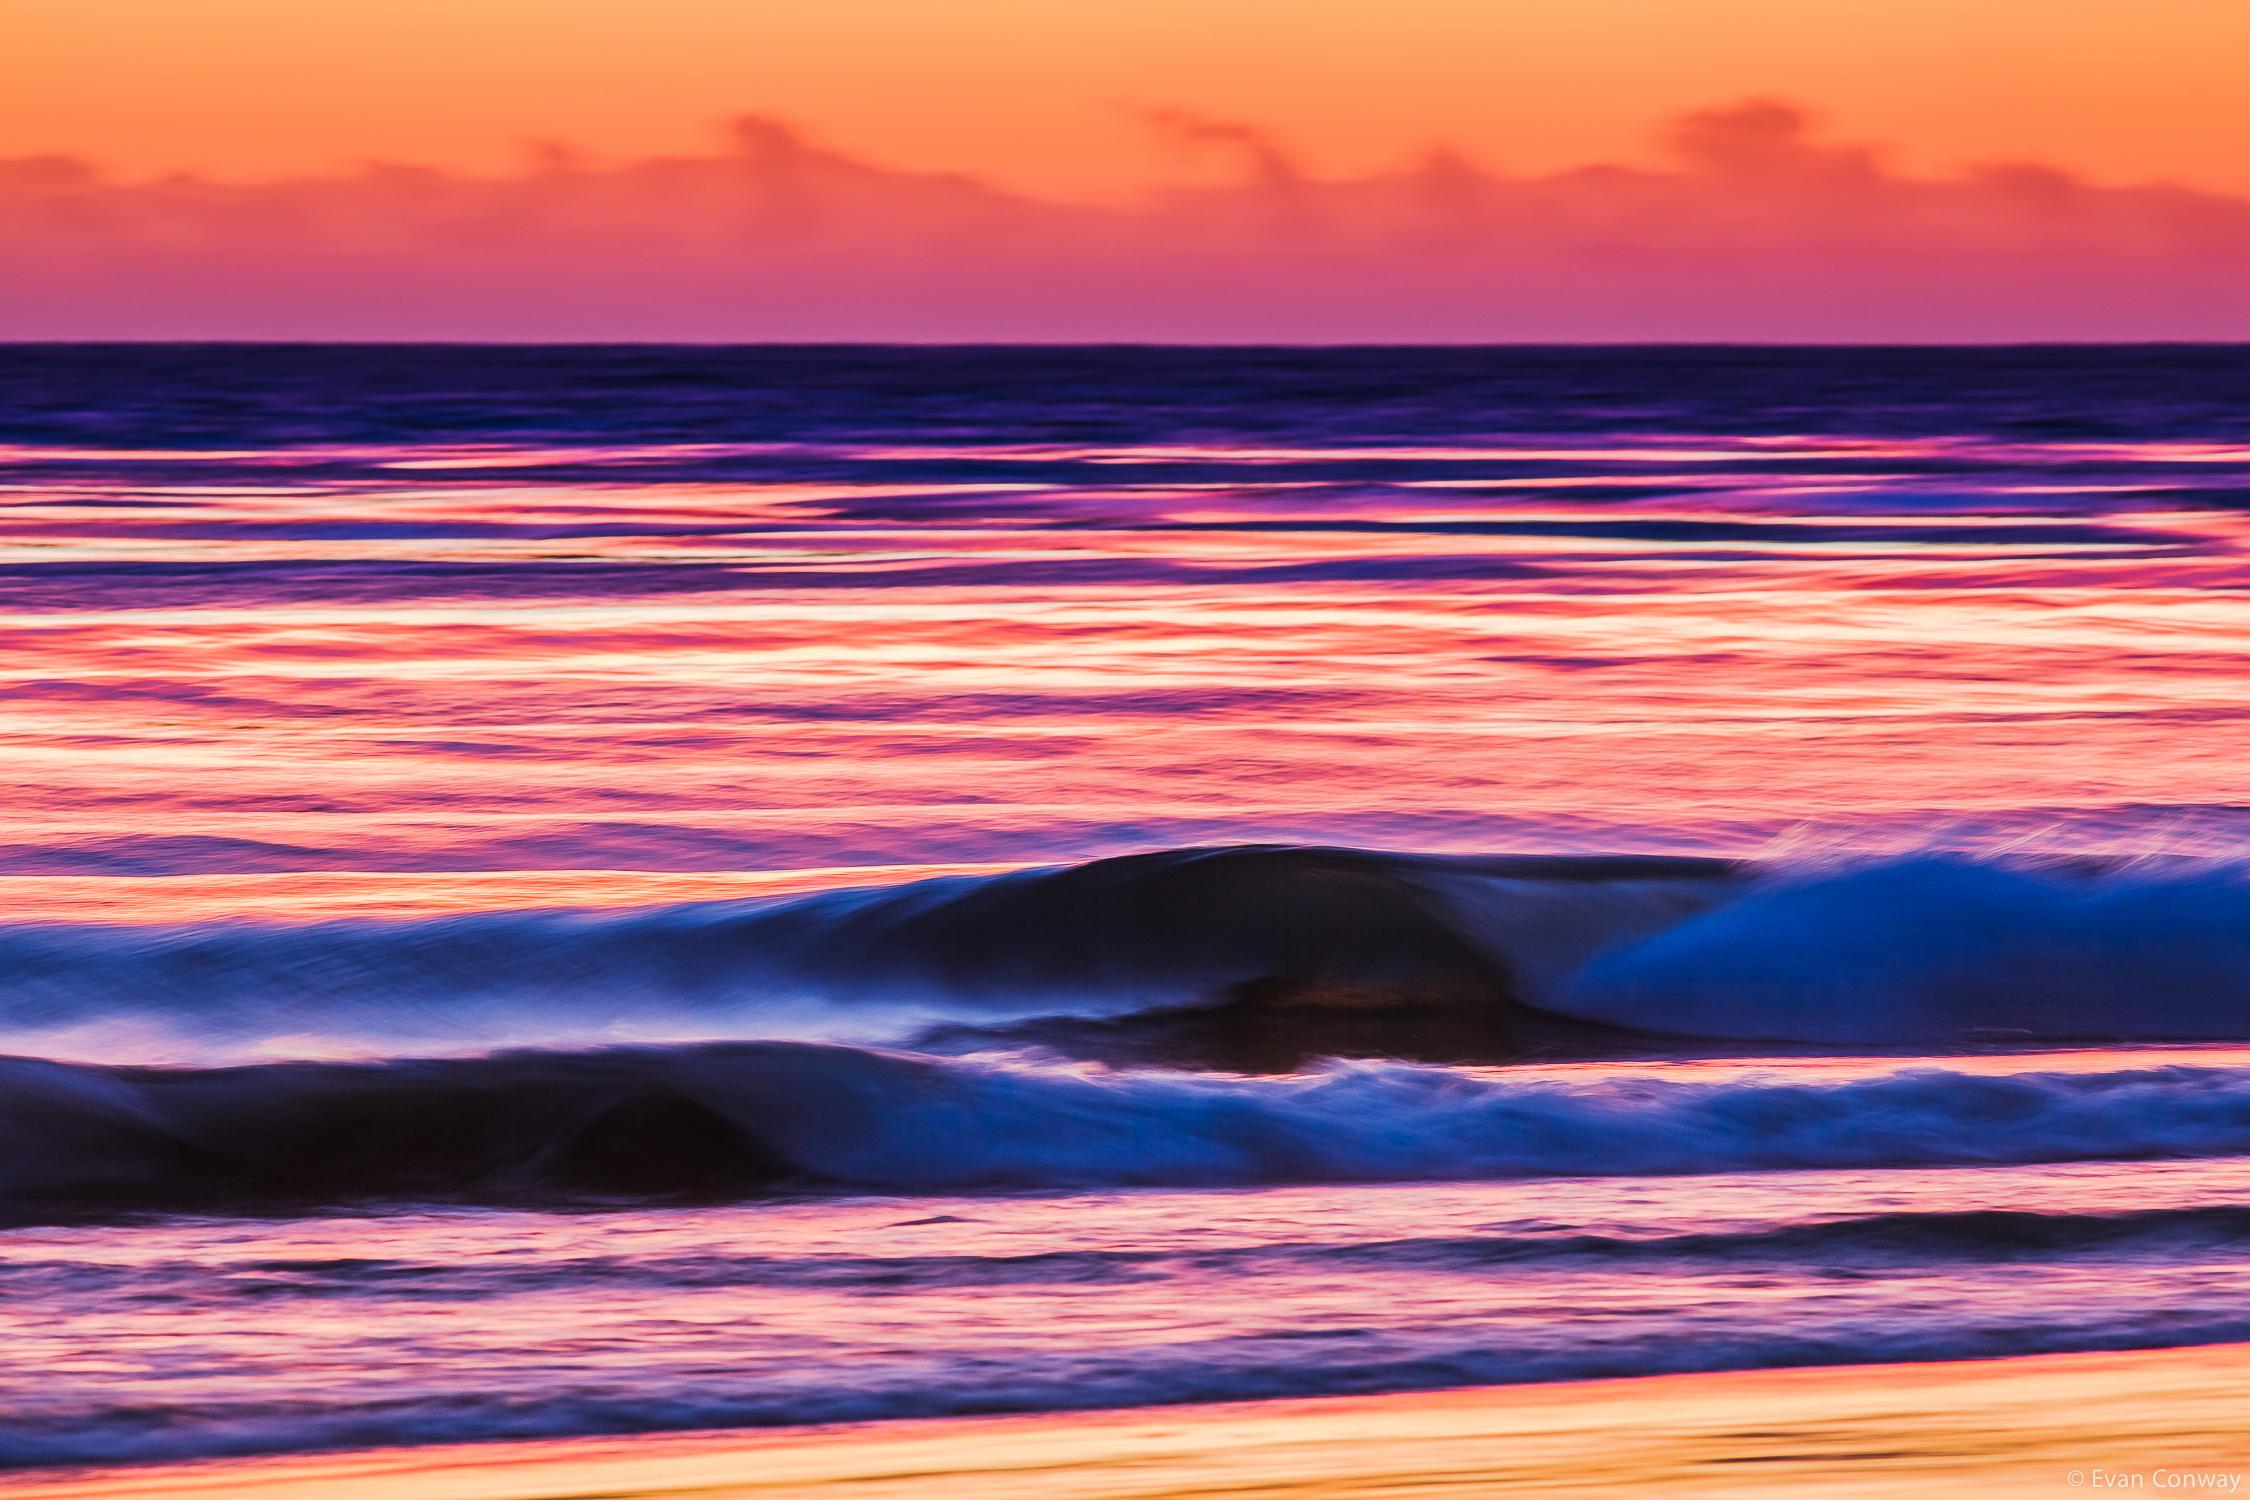 Conway_blur_california_1500_10.jpg